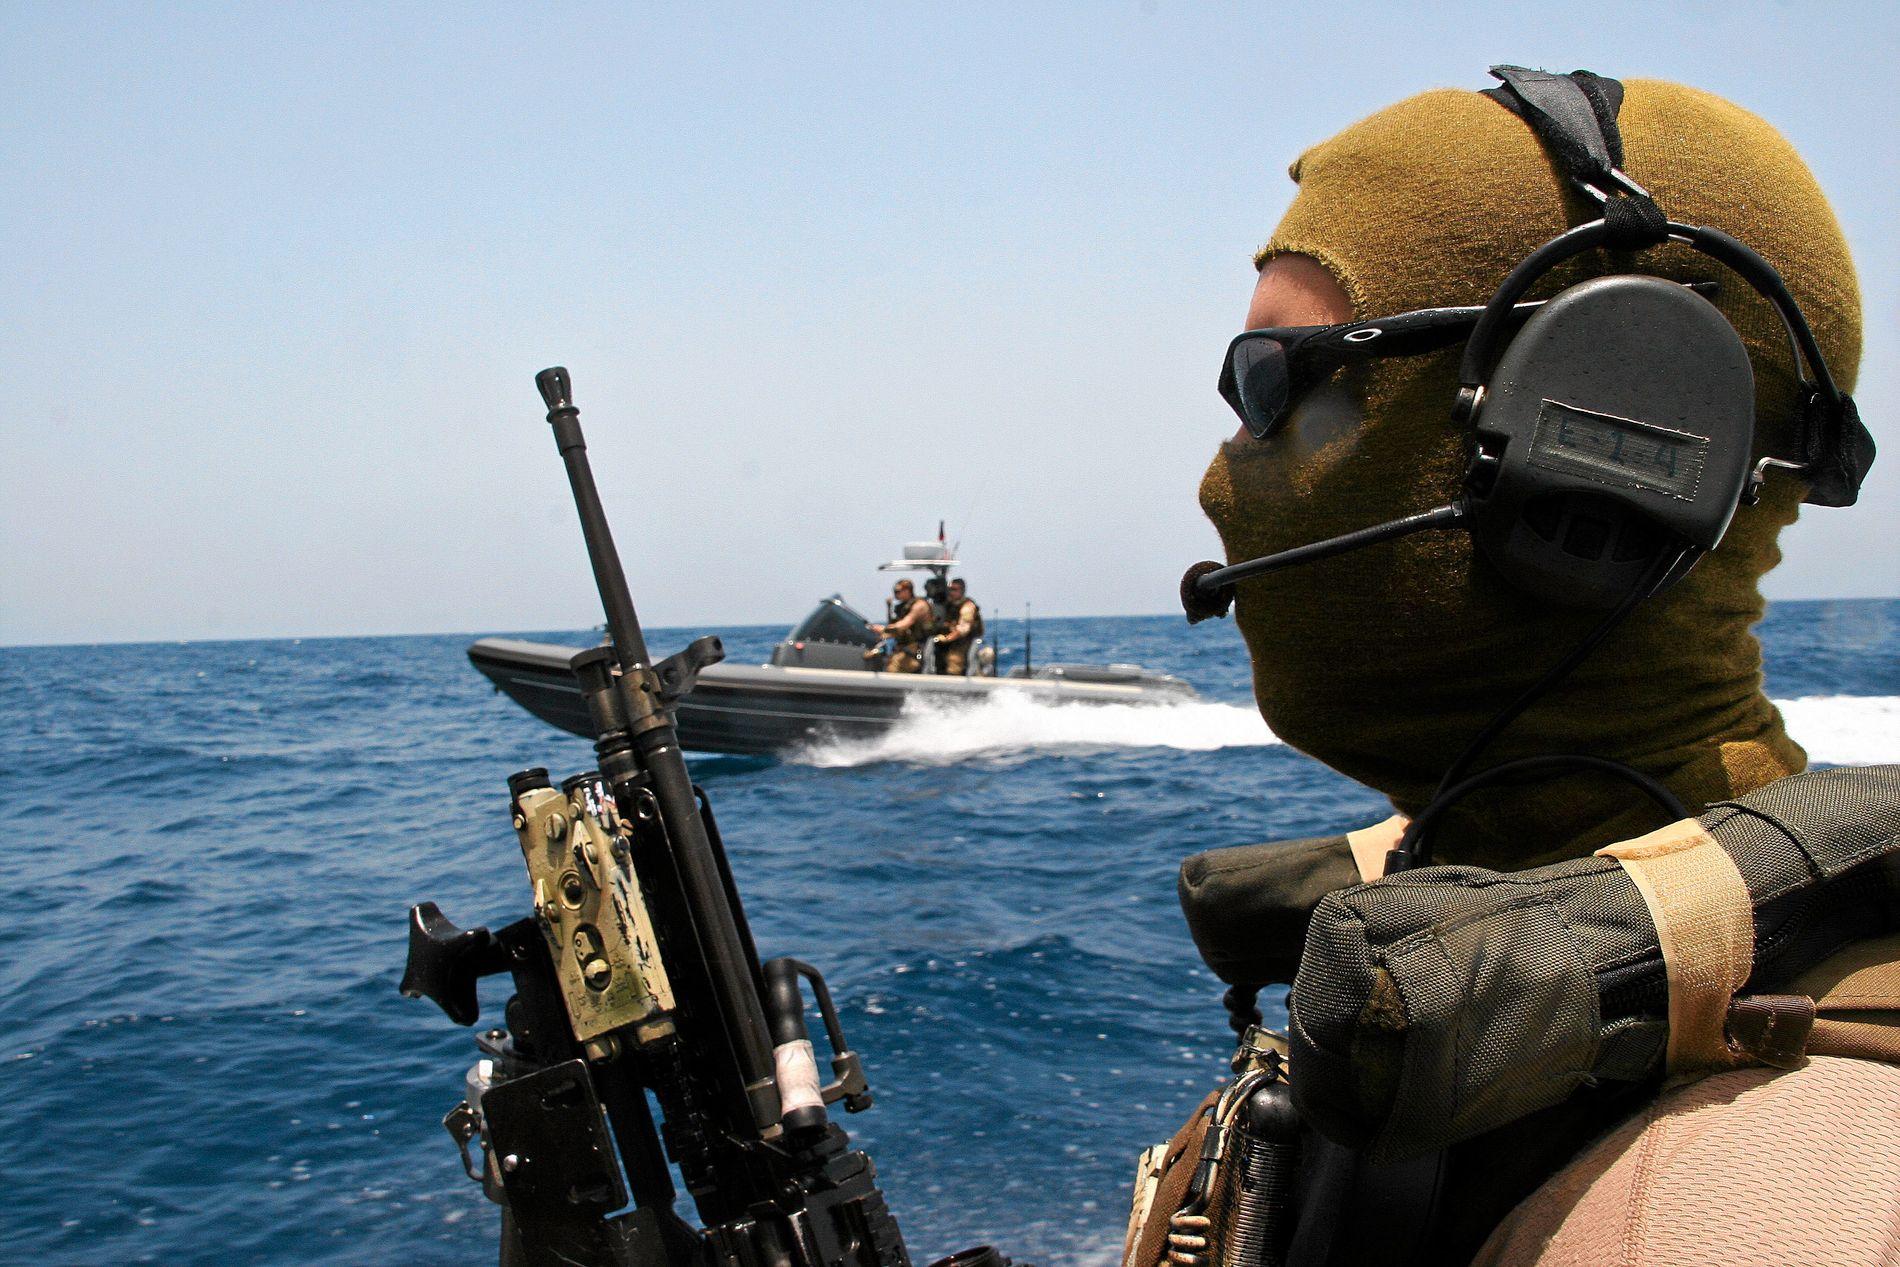 BØR PRIORITERES: Marinejegerkommandoen, og resten av kystforsvaret bør ikke tape i kampen om ressursene, skriver BT på lederplass.